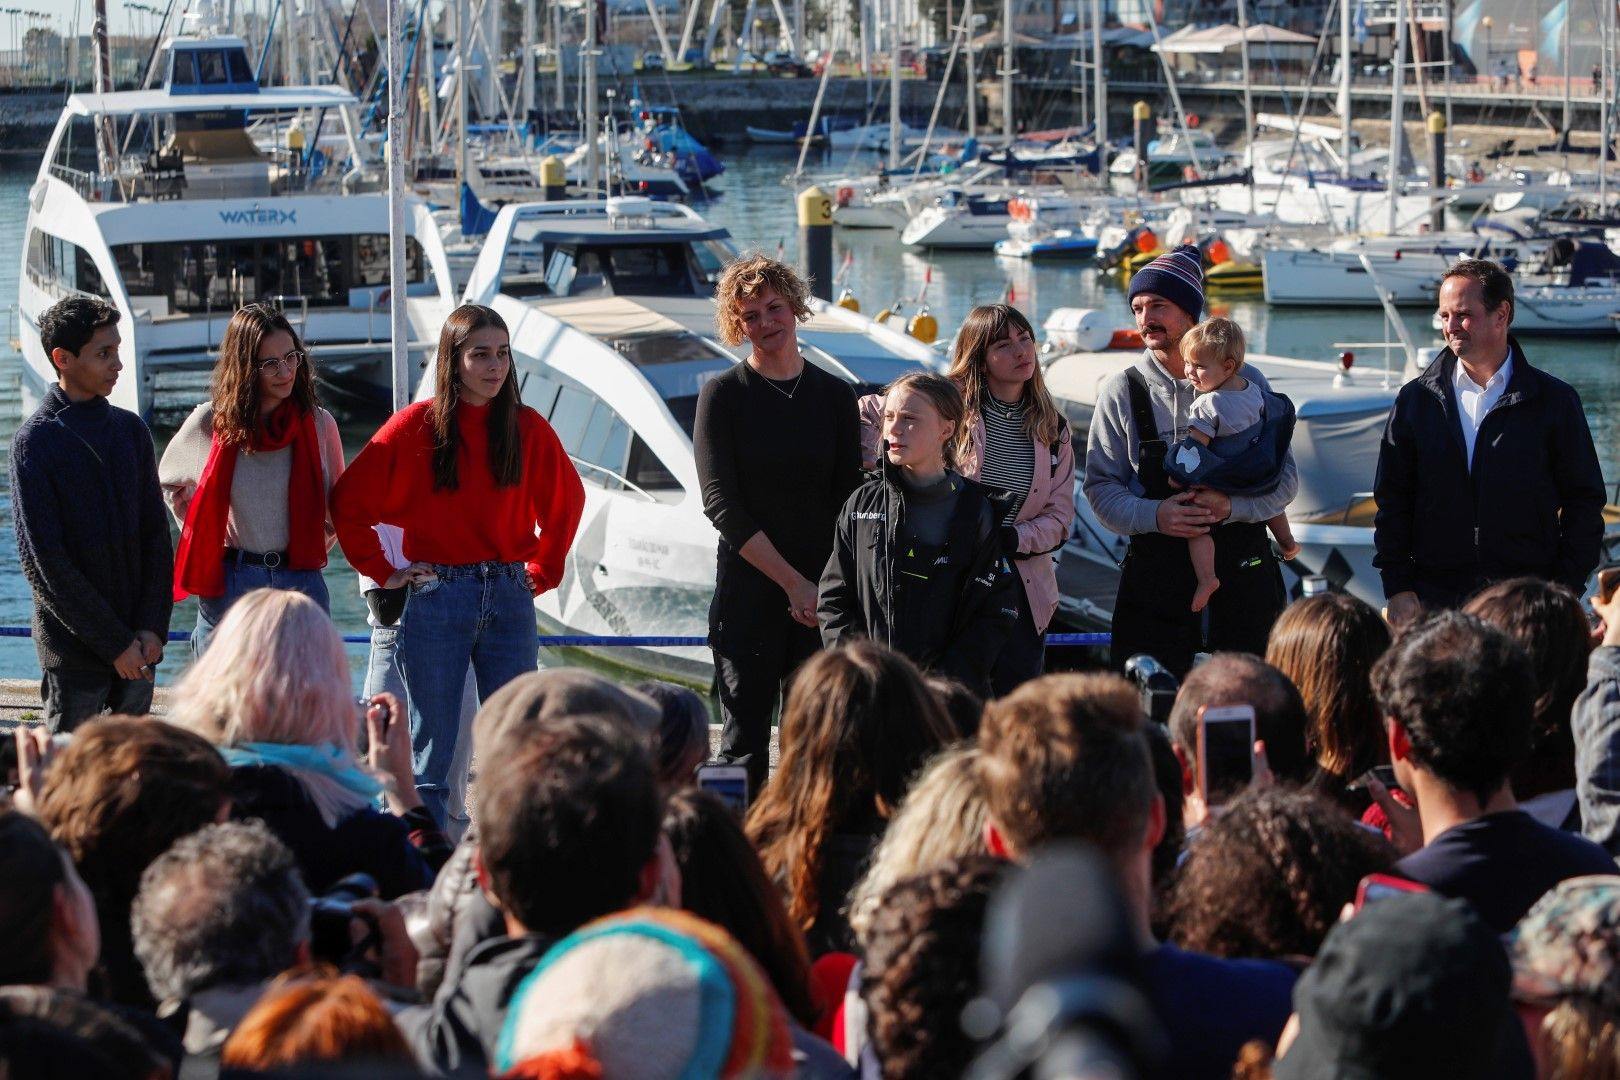 Посрещане на Грета Тунберг, която доплава с яхта от САЩ. Активистката говори пред събралото се множество